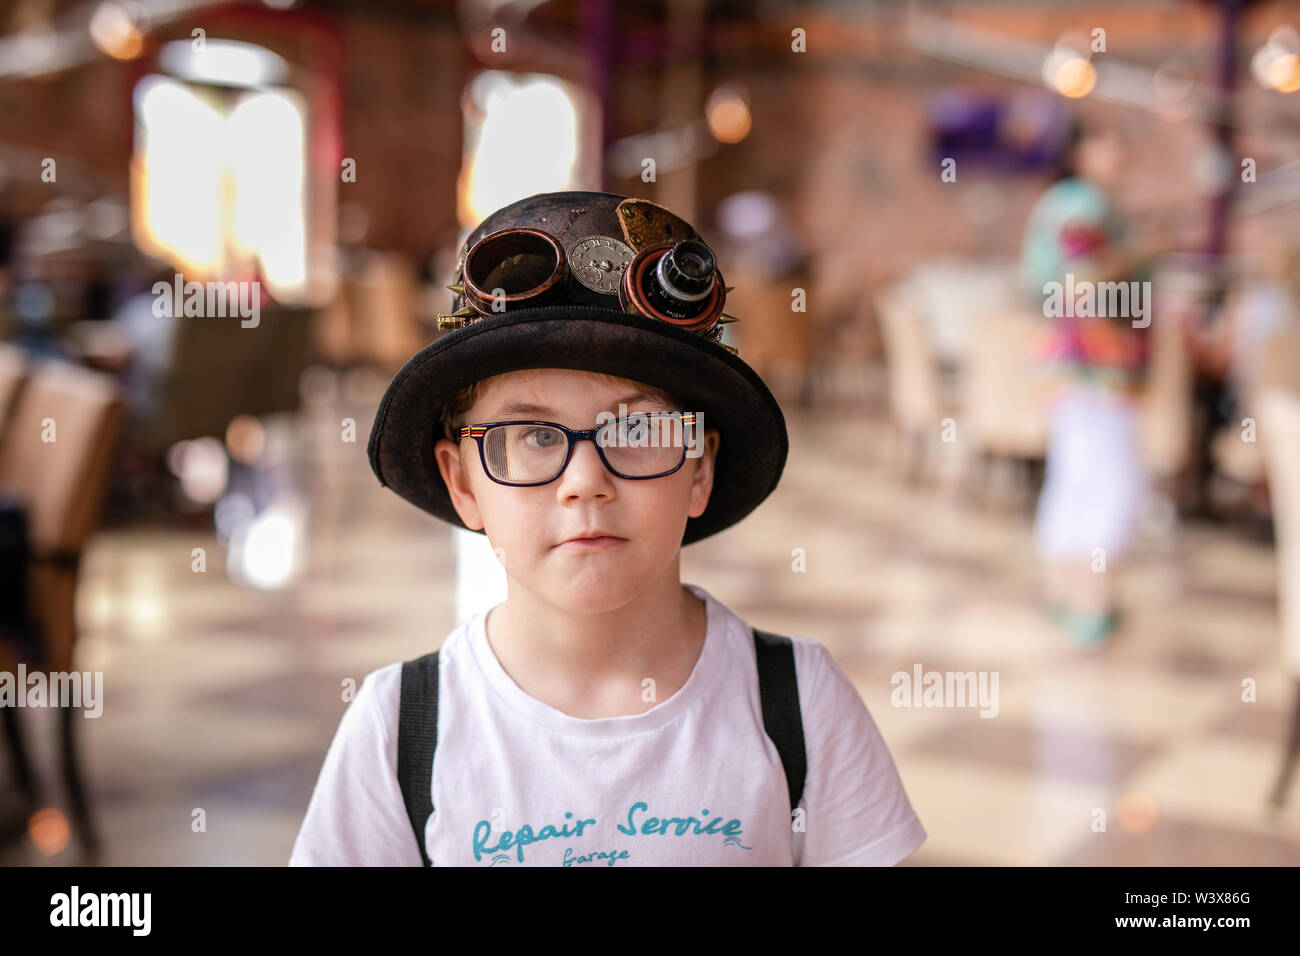 Restaurante y boy en el gracioso sombrero en el parque enterteiment. Rusia, Sochi, Sochi-park de junio de 2018 Imagen De Stock